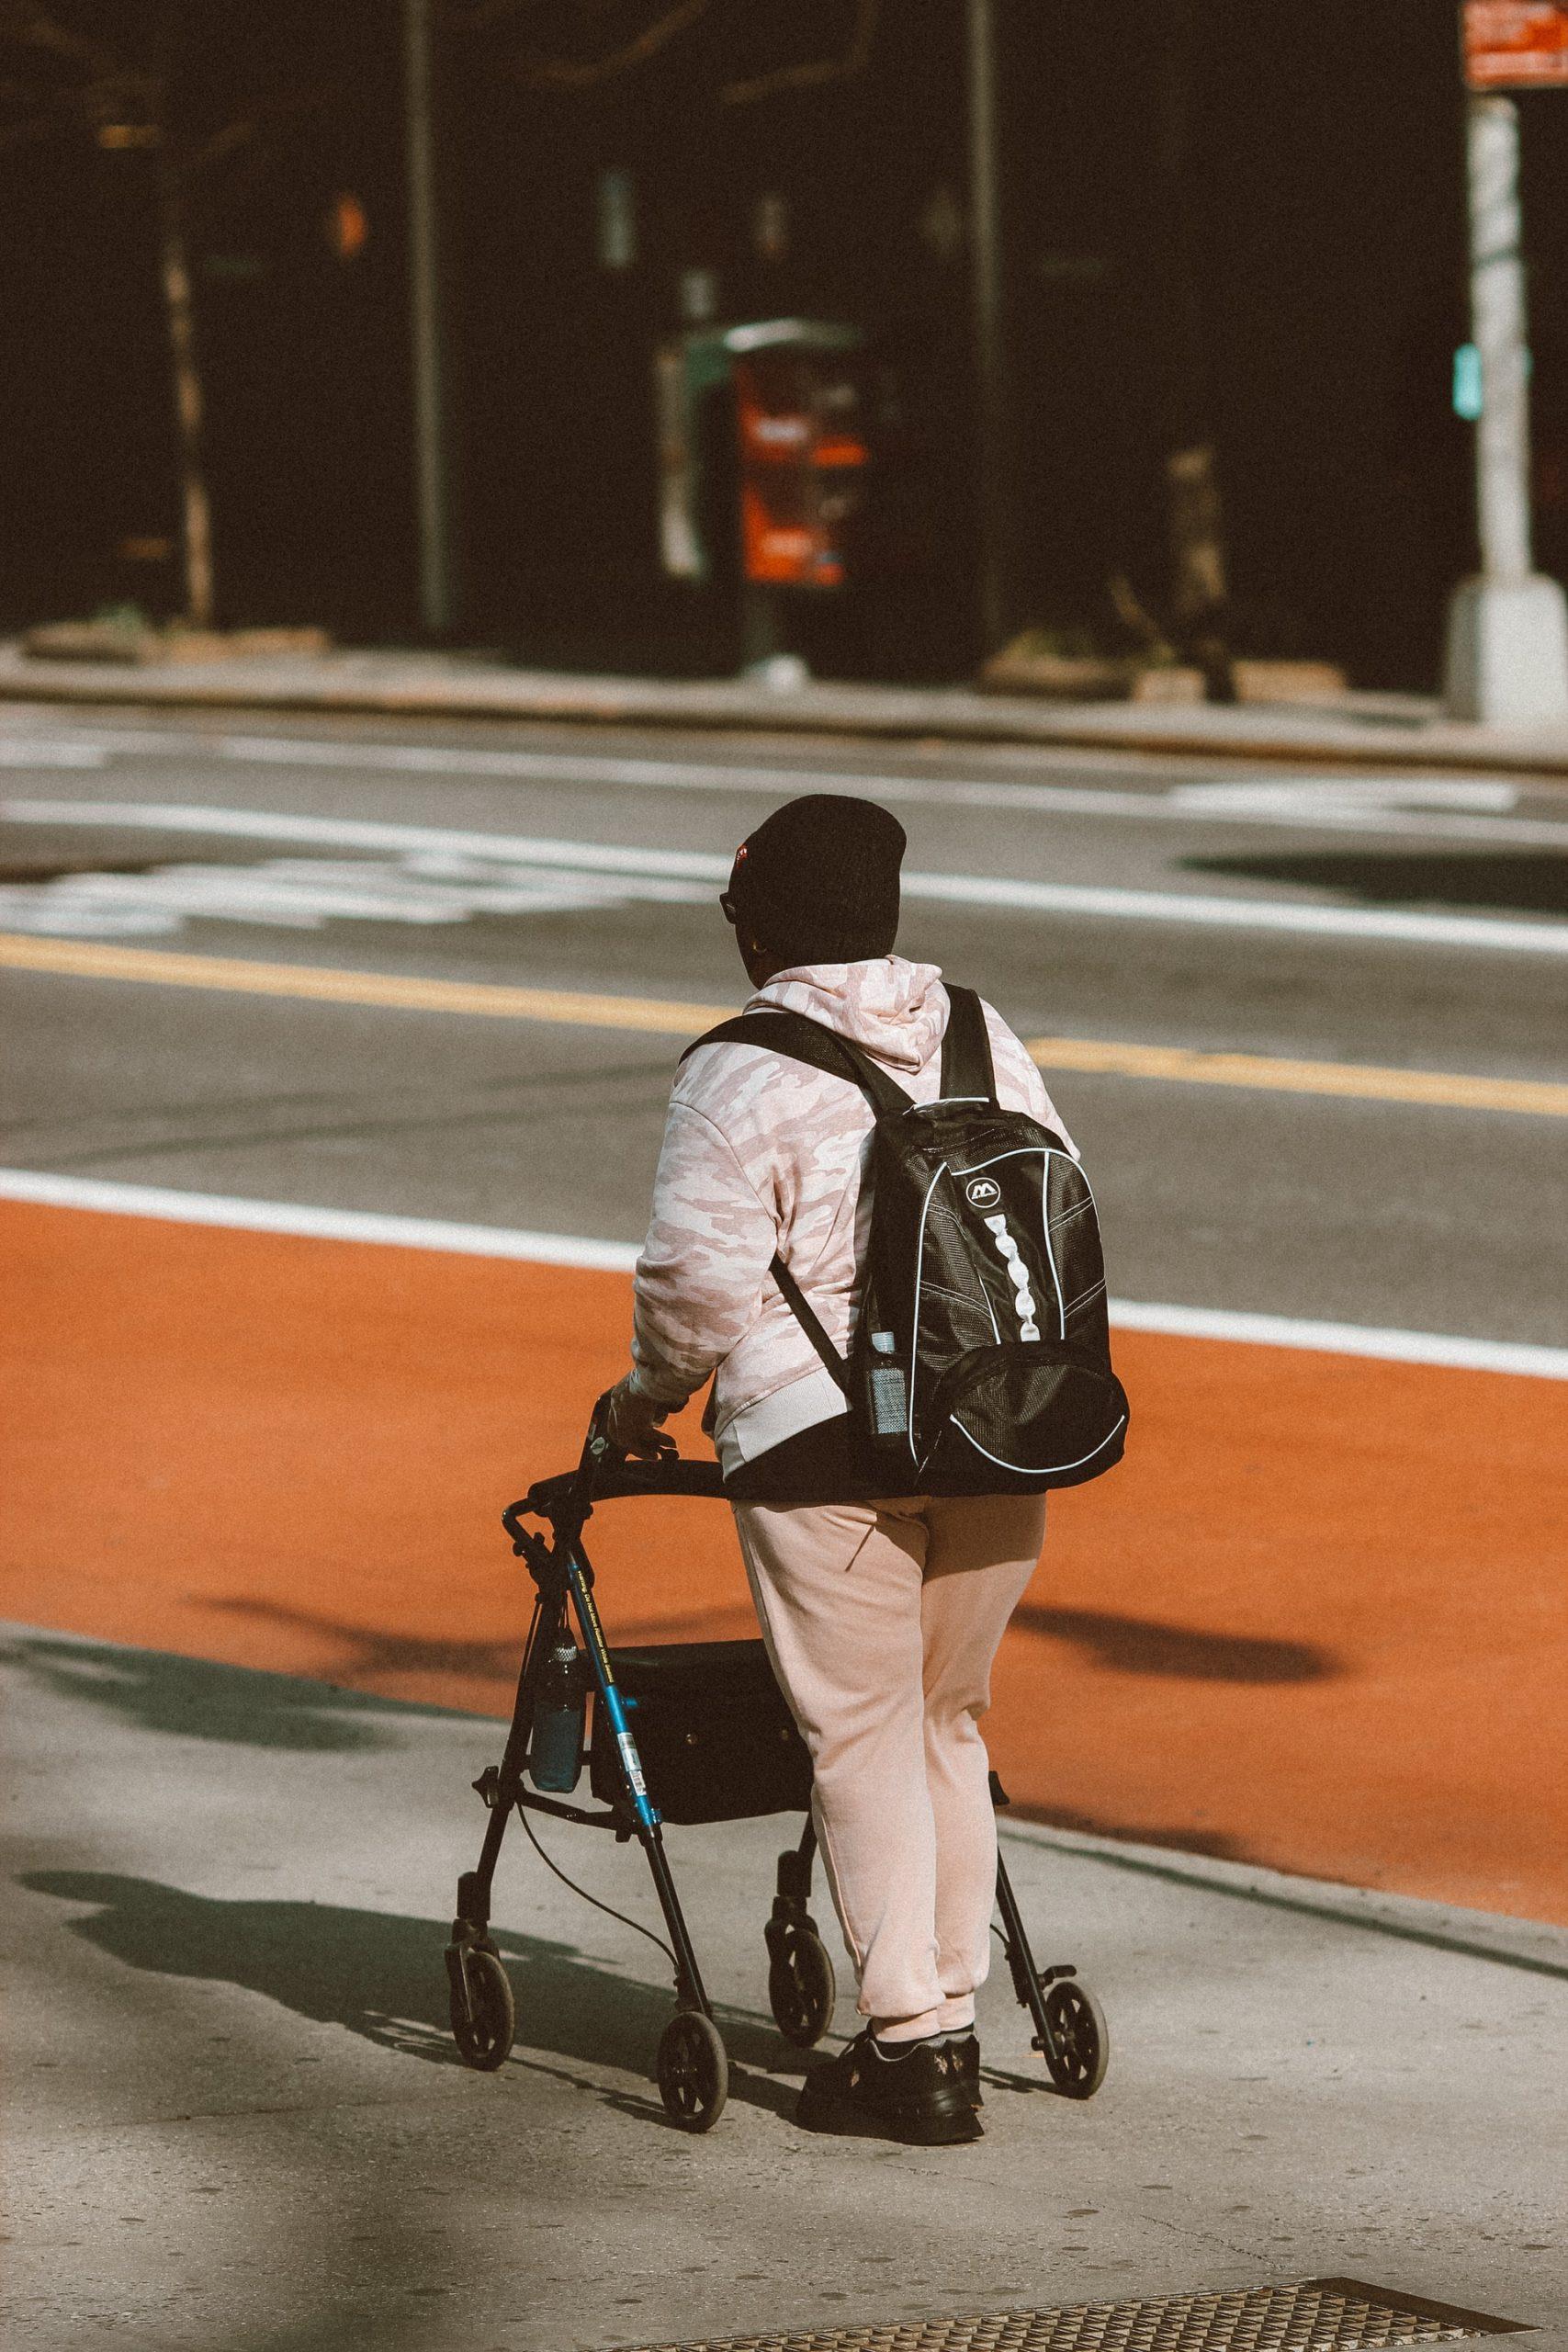 Træt af mindsket bevægelighed i dagligdagen?